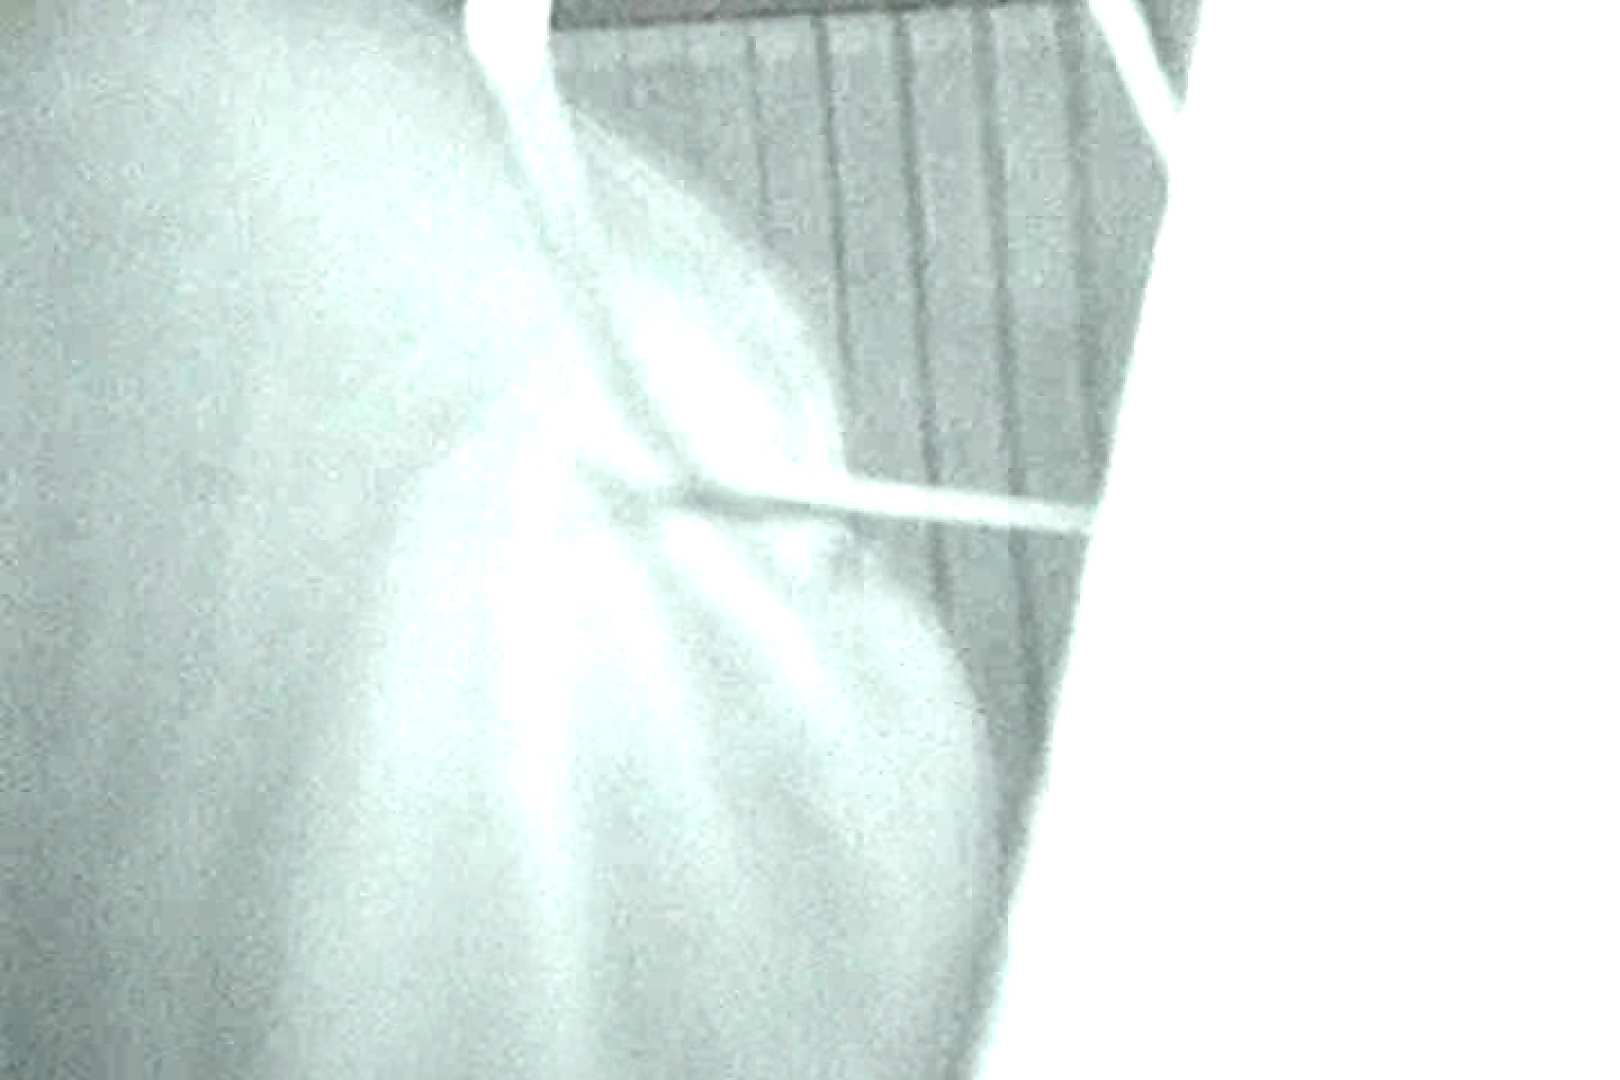 充血監督の深夜の運動会Vol.12 裸体 すけべAV動画紹介 98連発 50